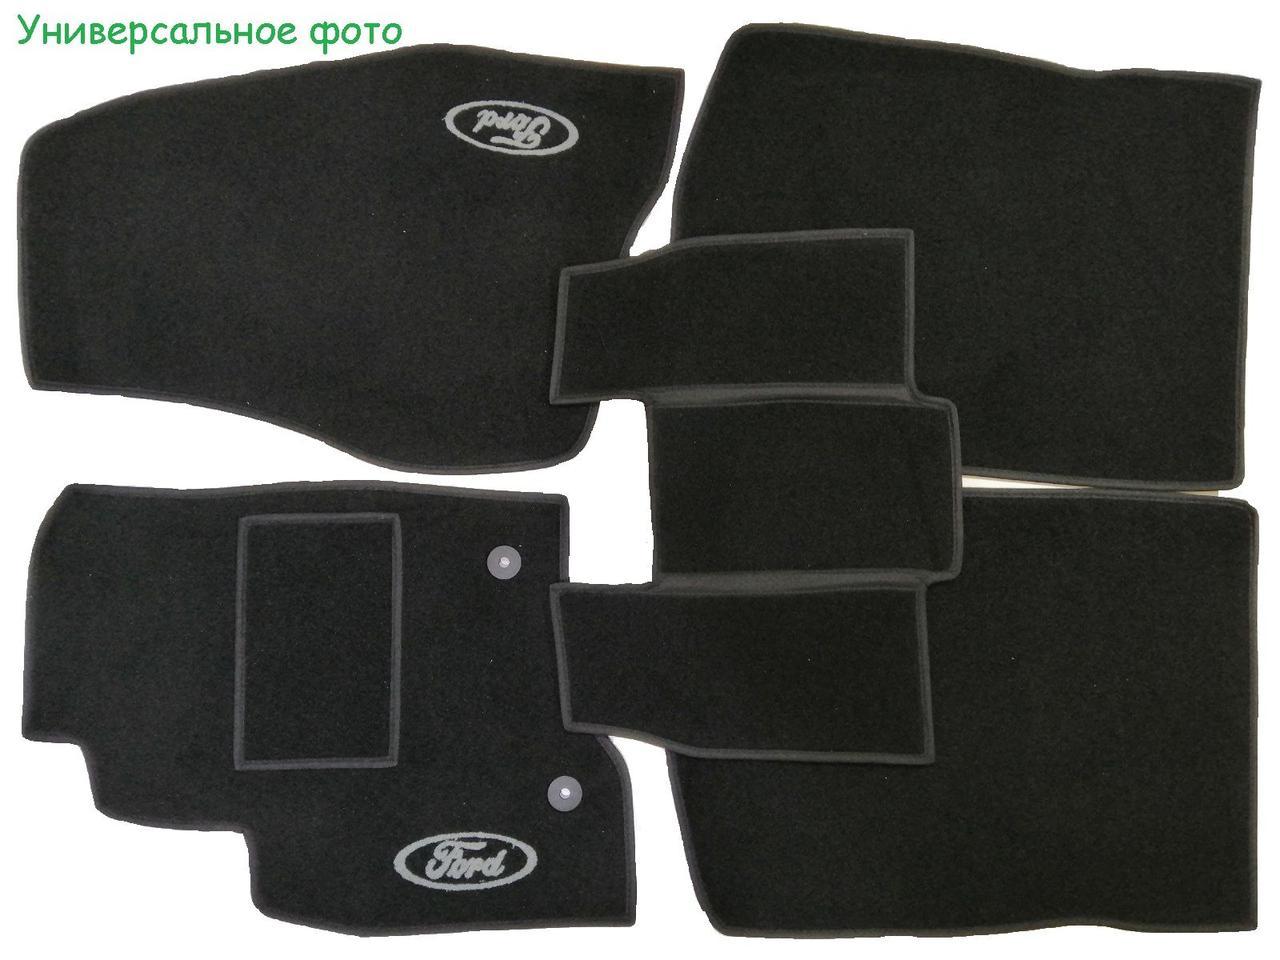 Коврики ворсовые в салон на Volvo S70'97- черные